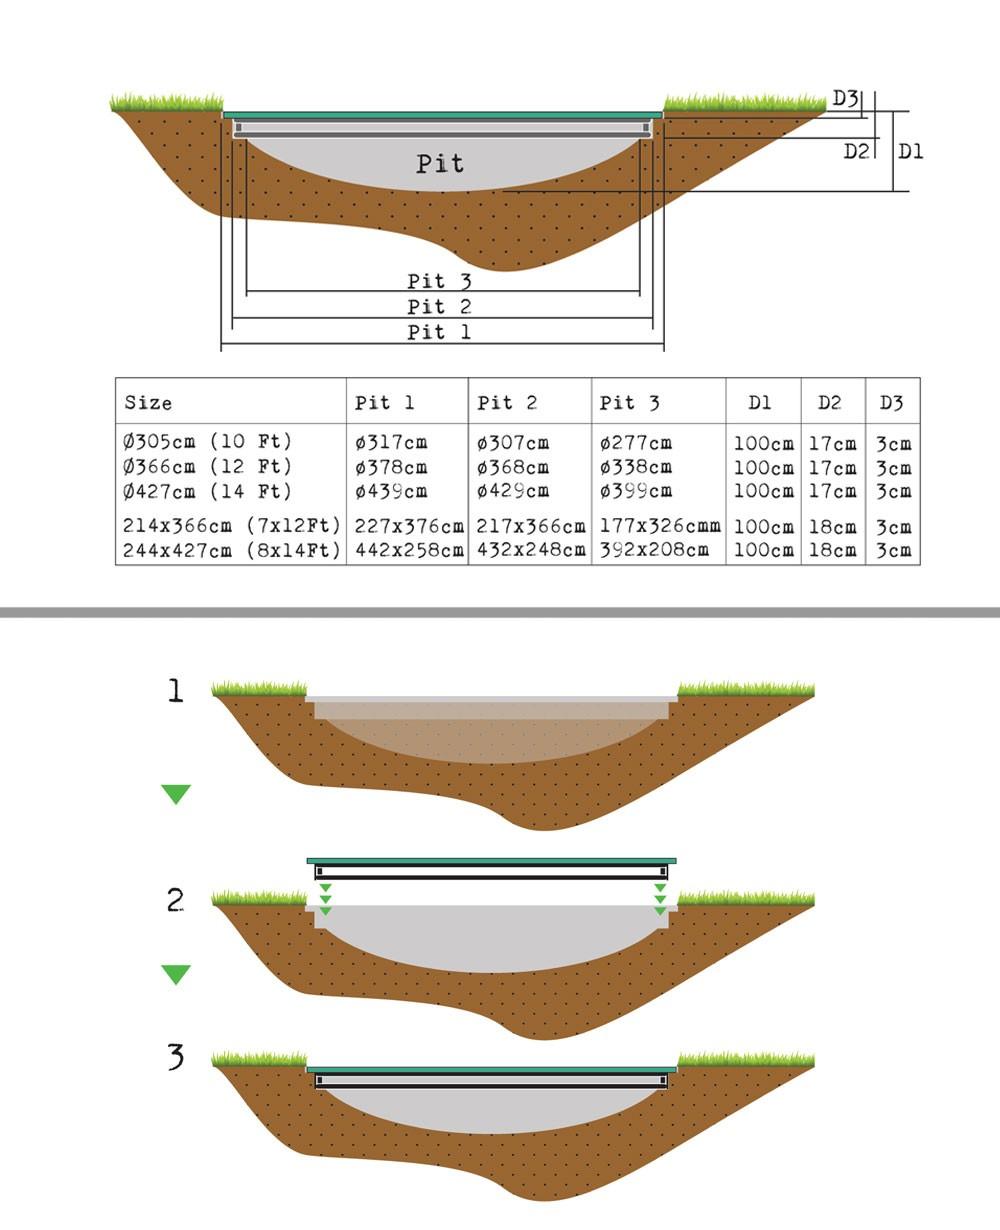 Trampolin EXIT InTerra Ground Level rechteckig 214x366cm grau Bild 2